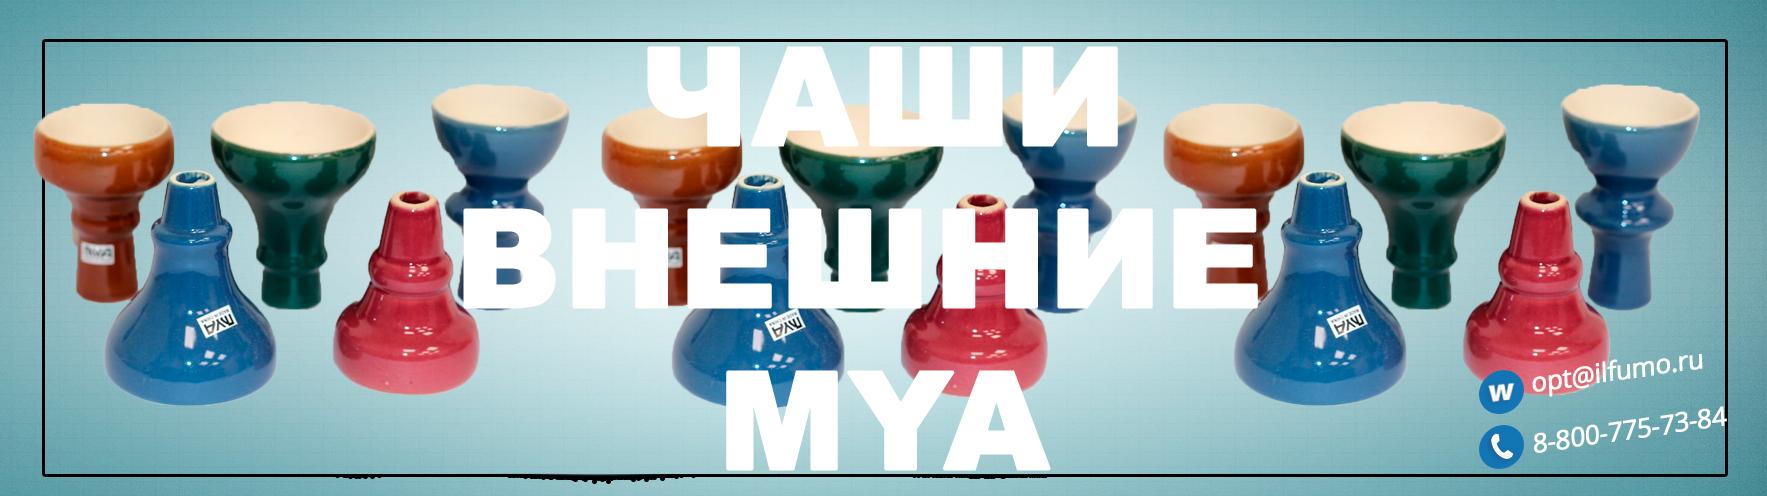 kupit chashi vneshnie mya - Чаша внешняя глубокая MYA